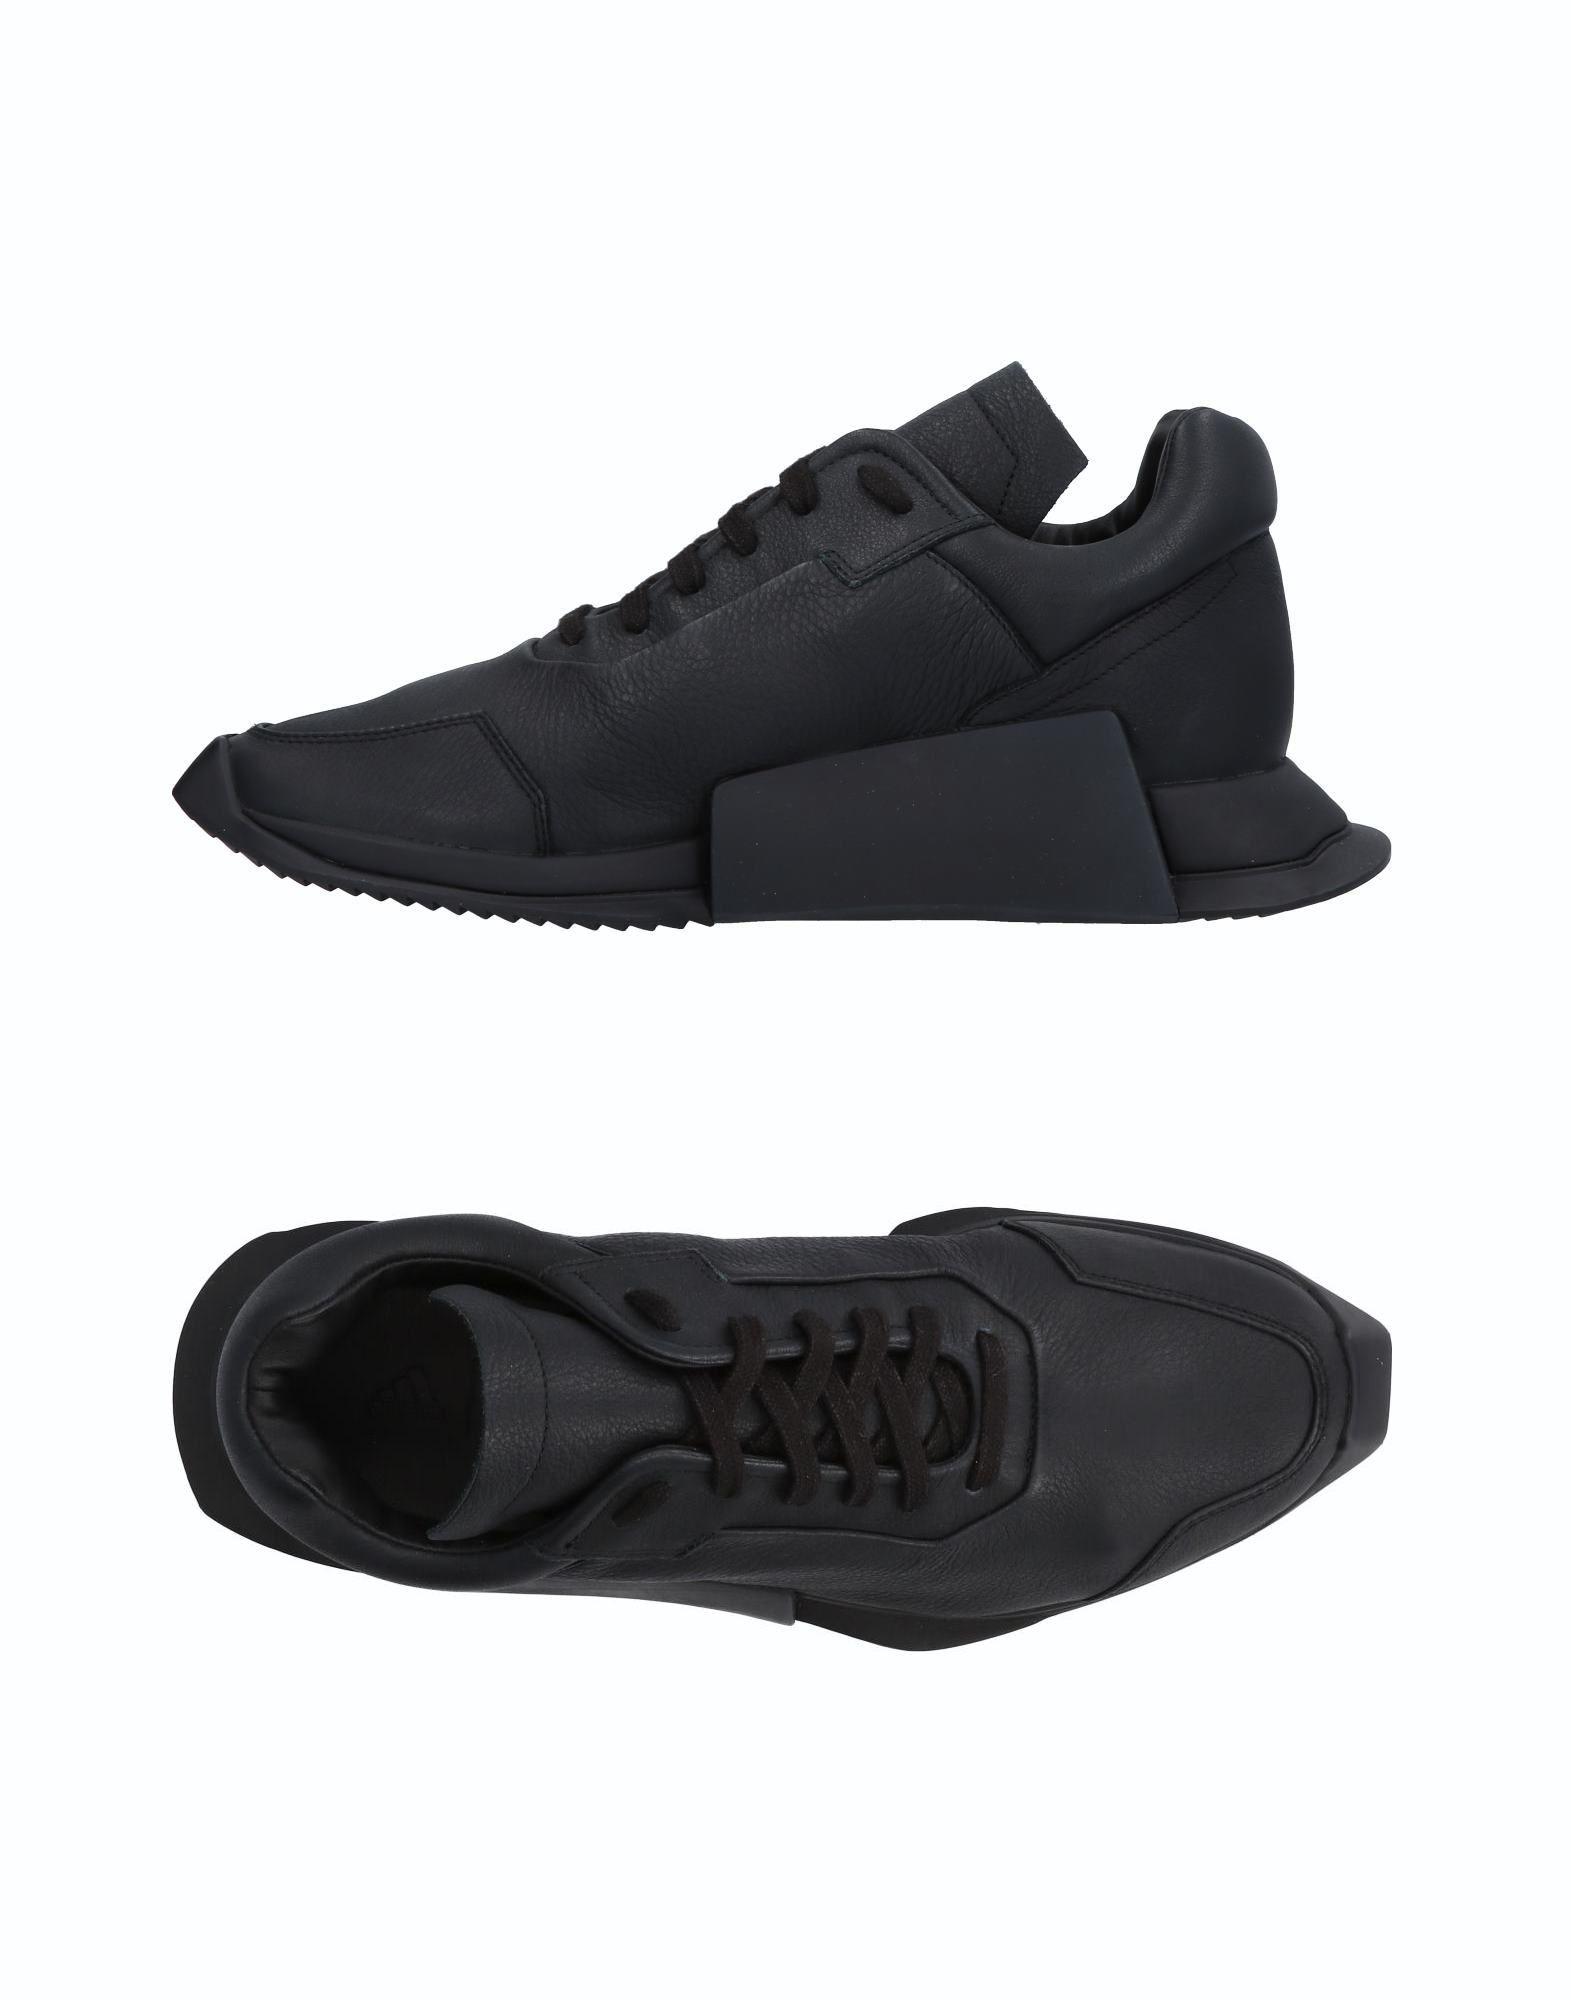 Rick Owens X Adidas Sneakers Herren  11465317NP Gute Qualität beliebte Schuhe